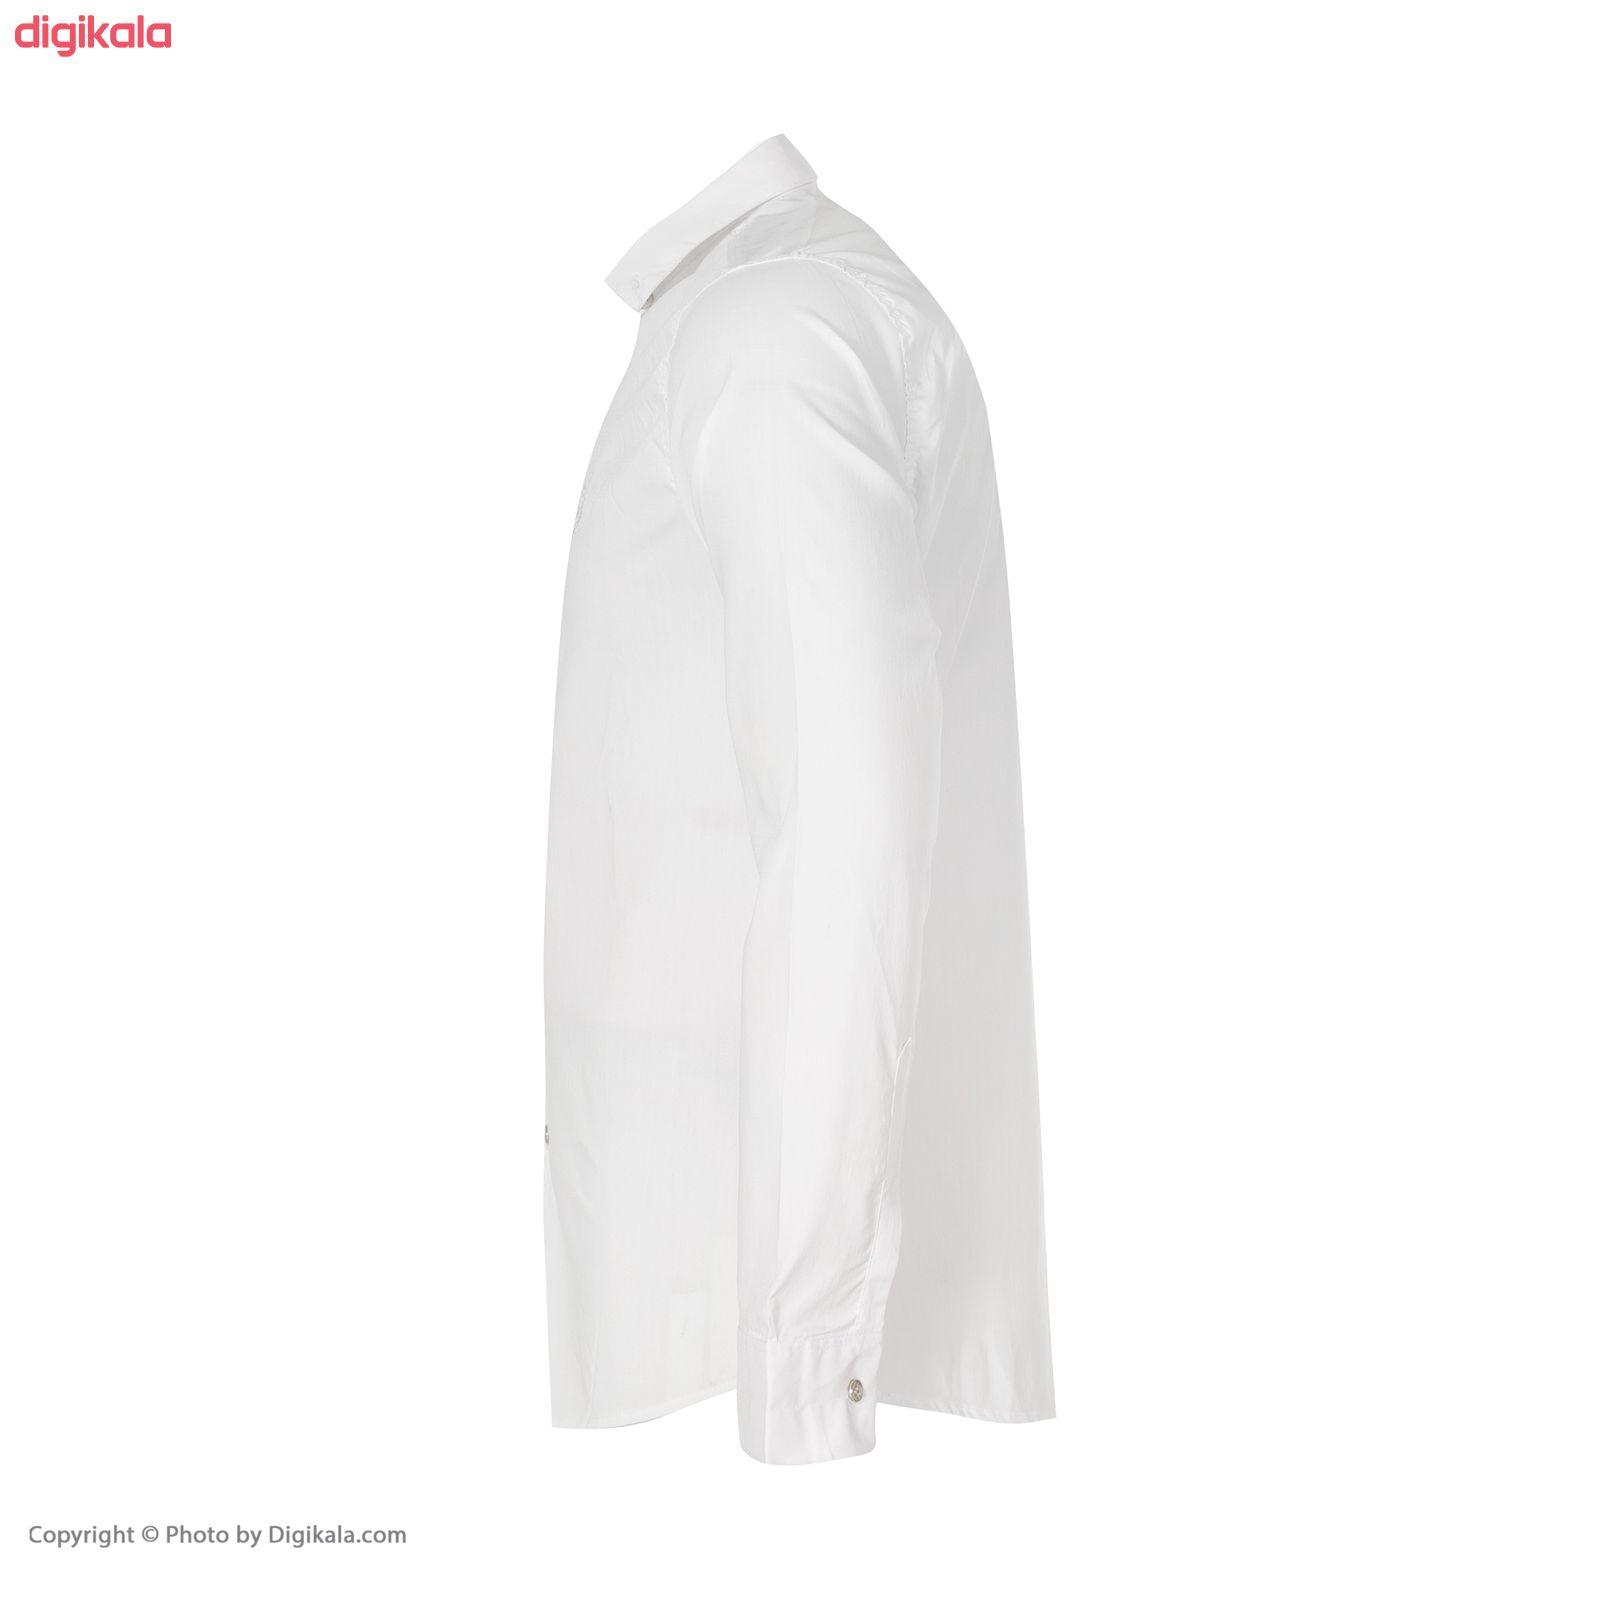 پیراهن مردانه کد PVLF-W-M-9903 رنگ سفید main 1 1